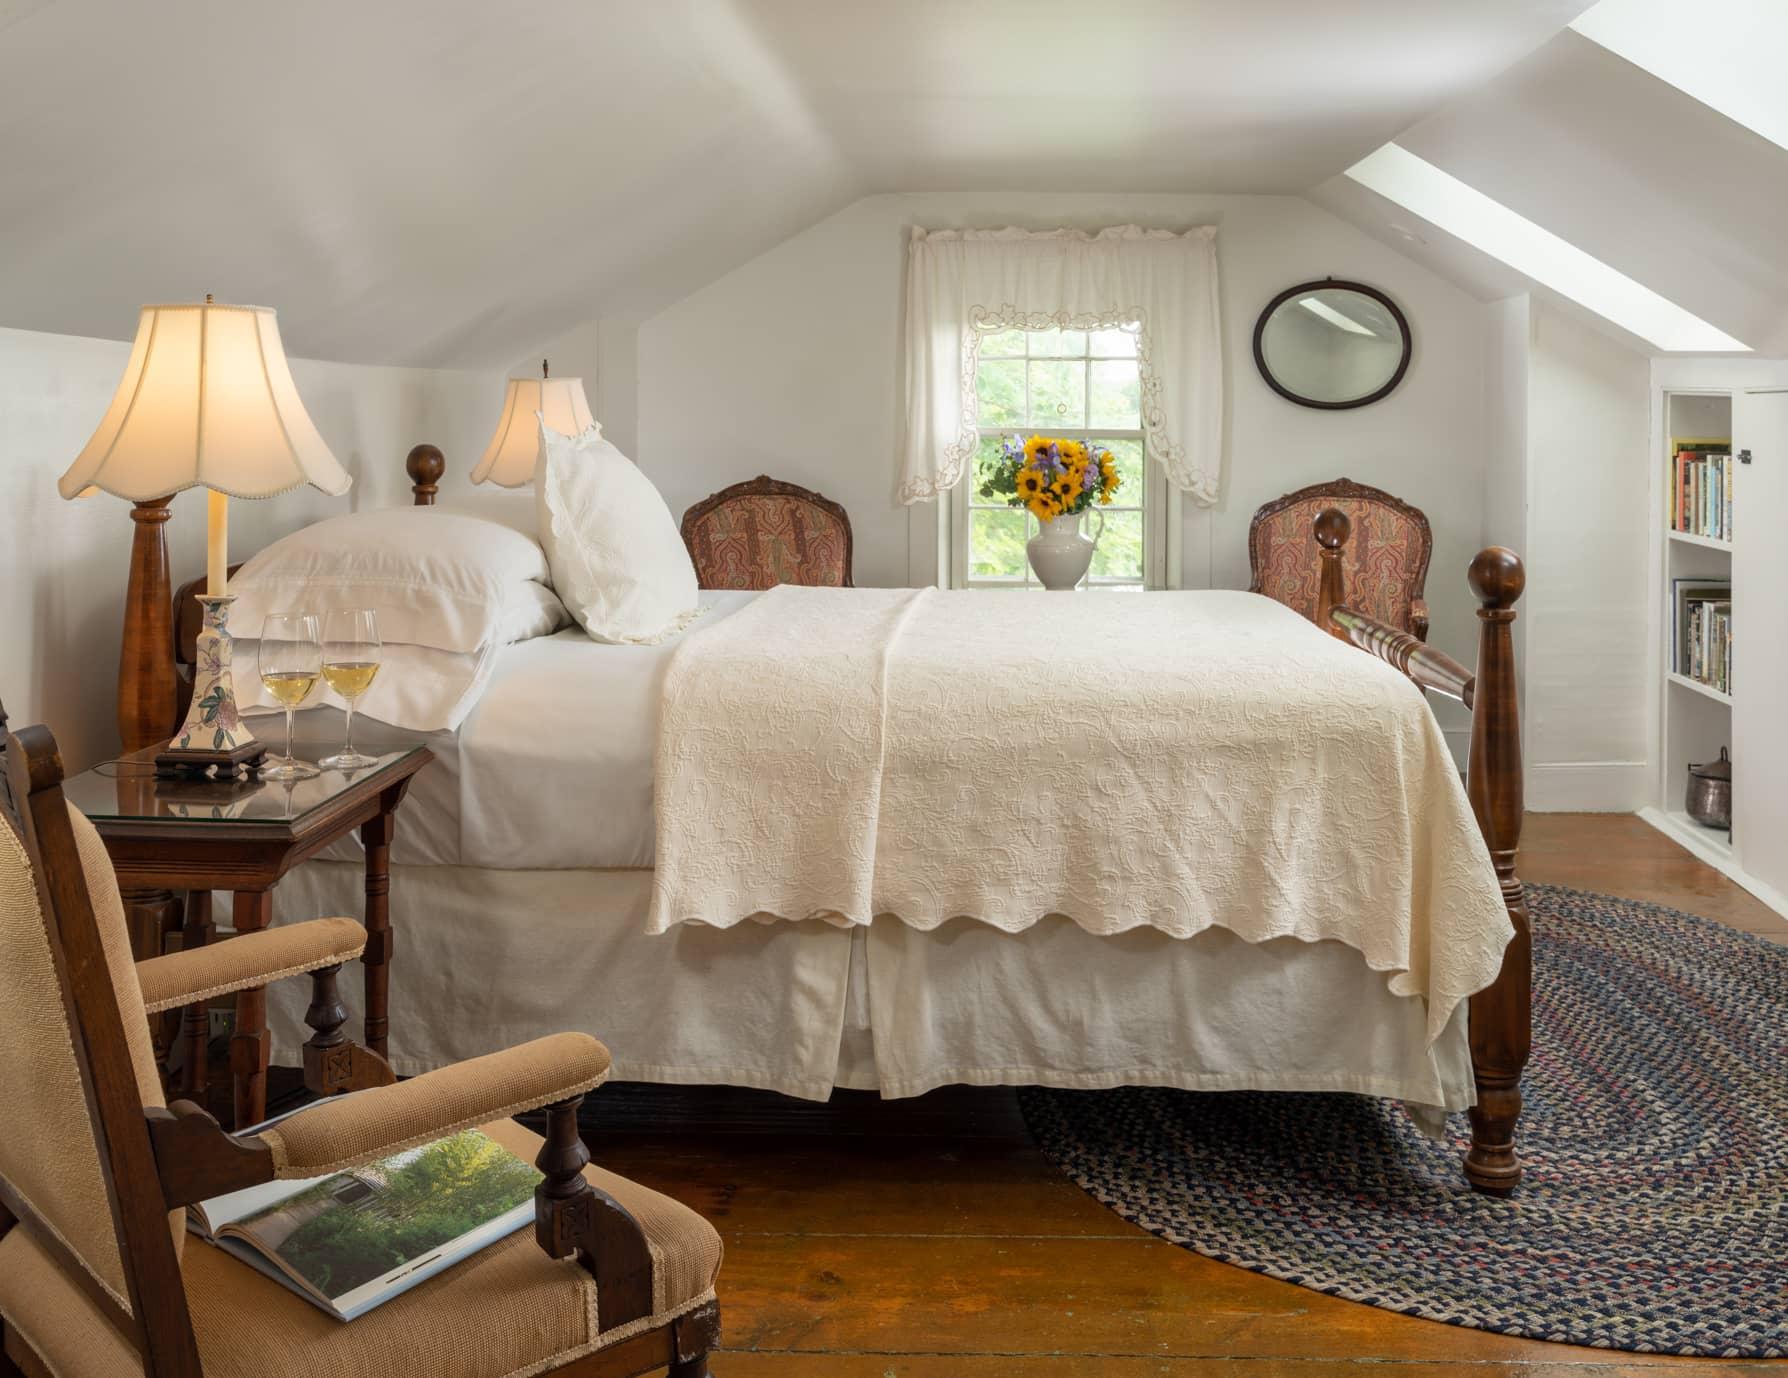 Room 9 at our Maine Coast Inn